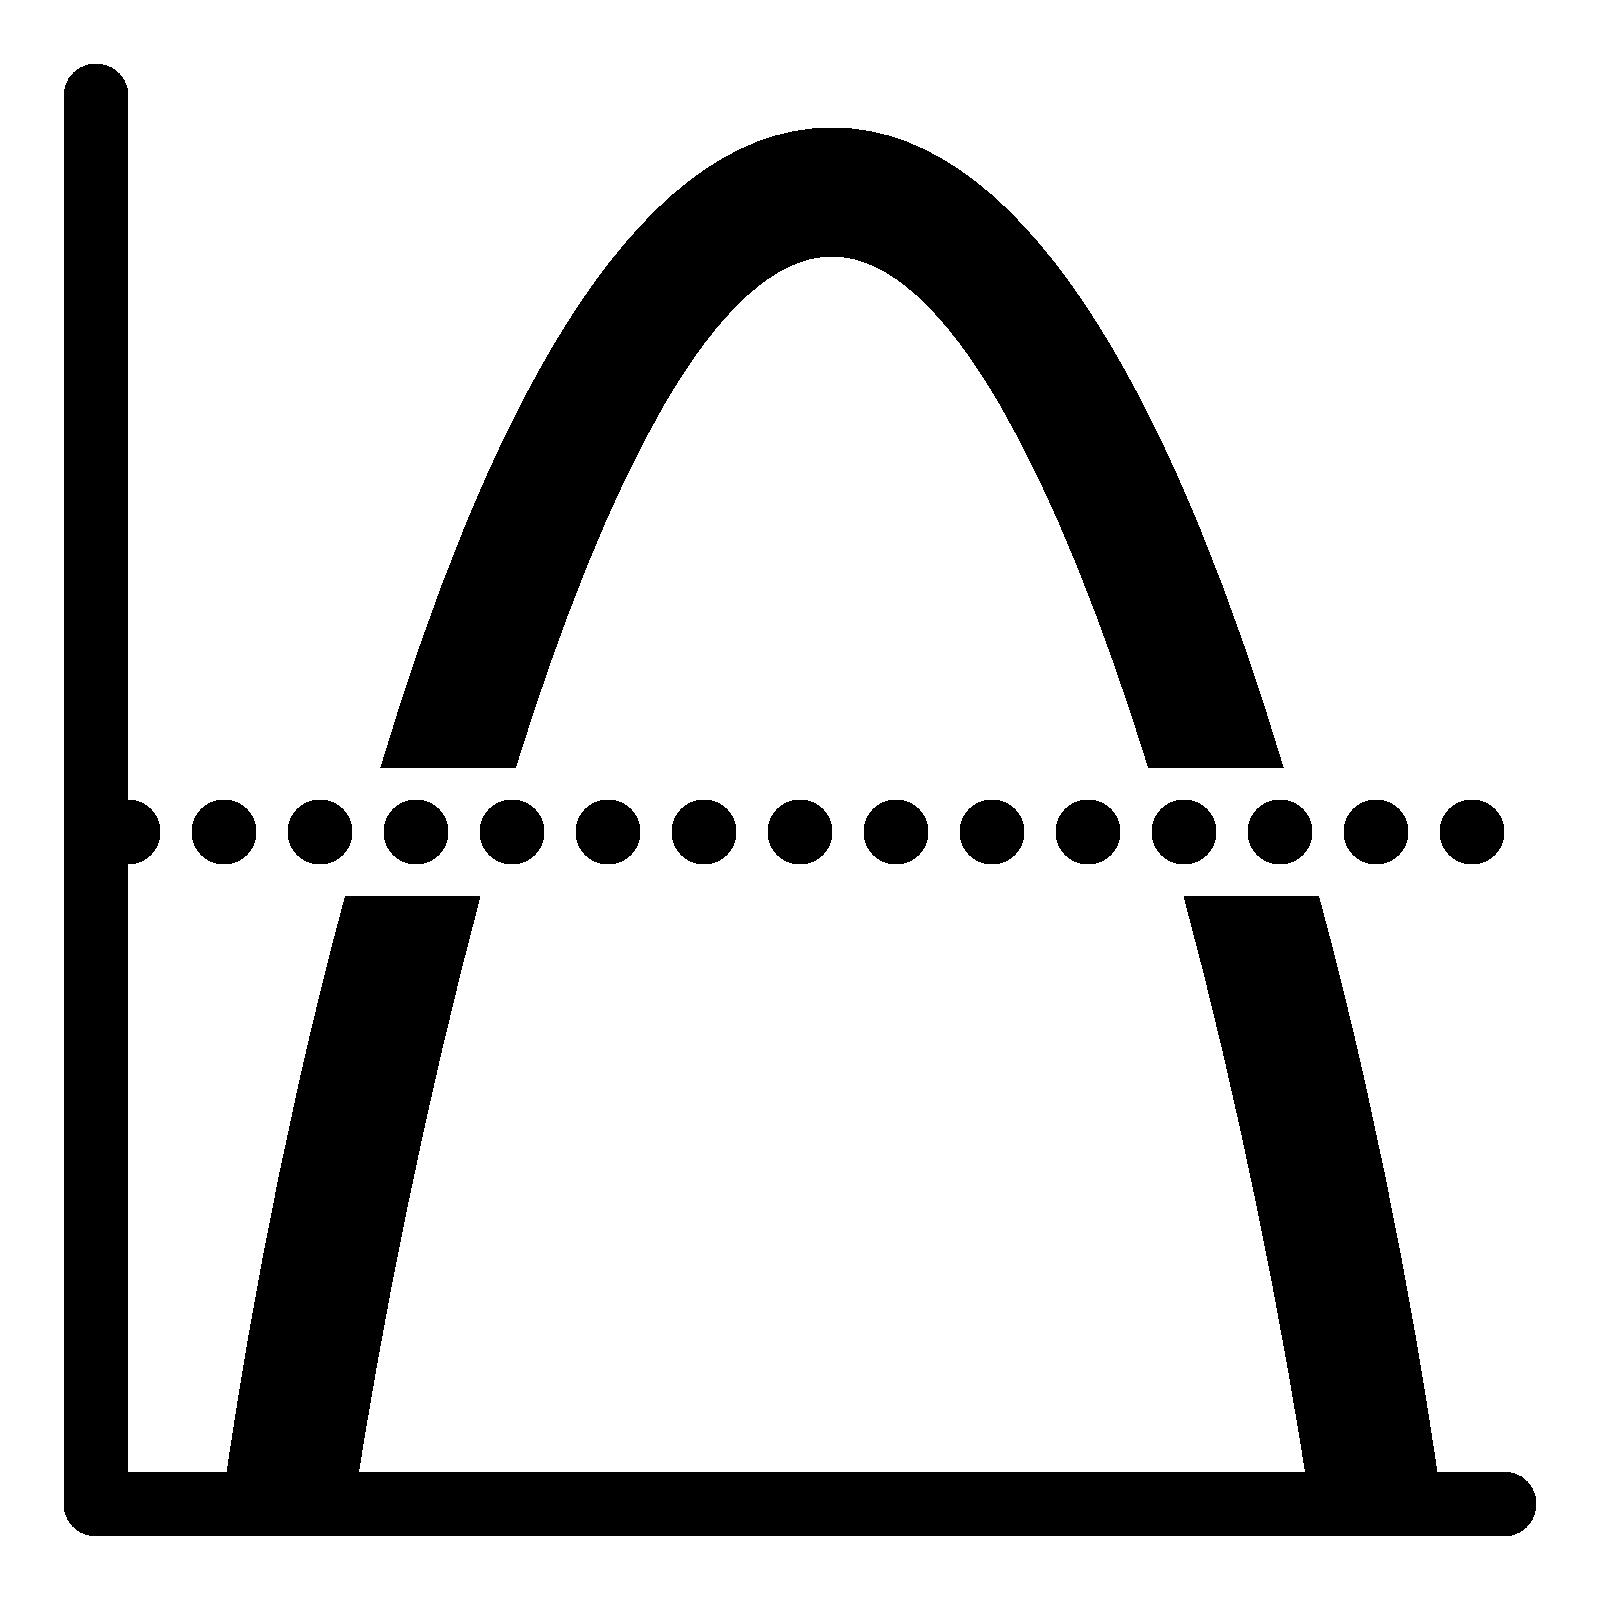 Computer icons average arithmetic. Statistics clipart statistics symbol